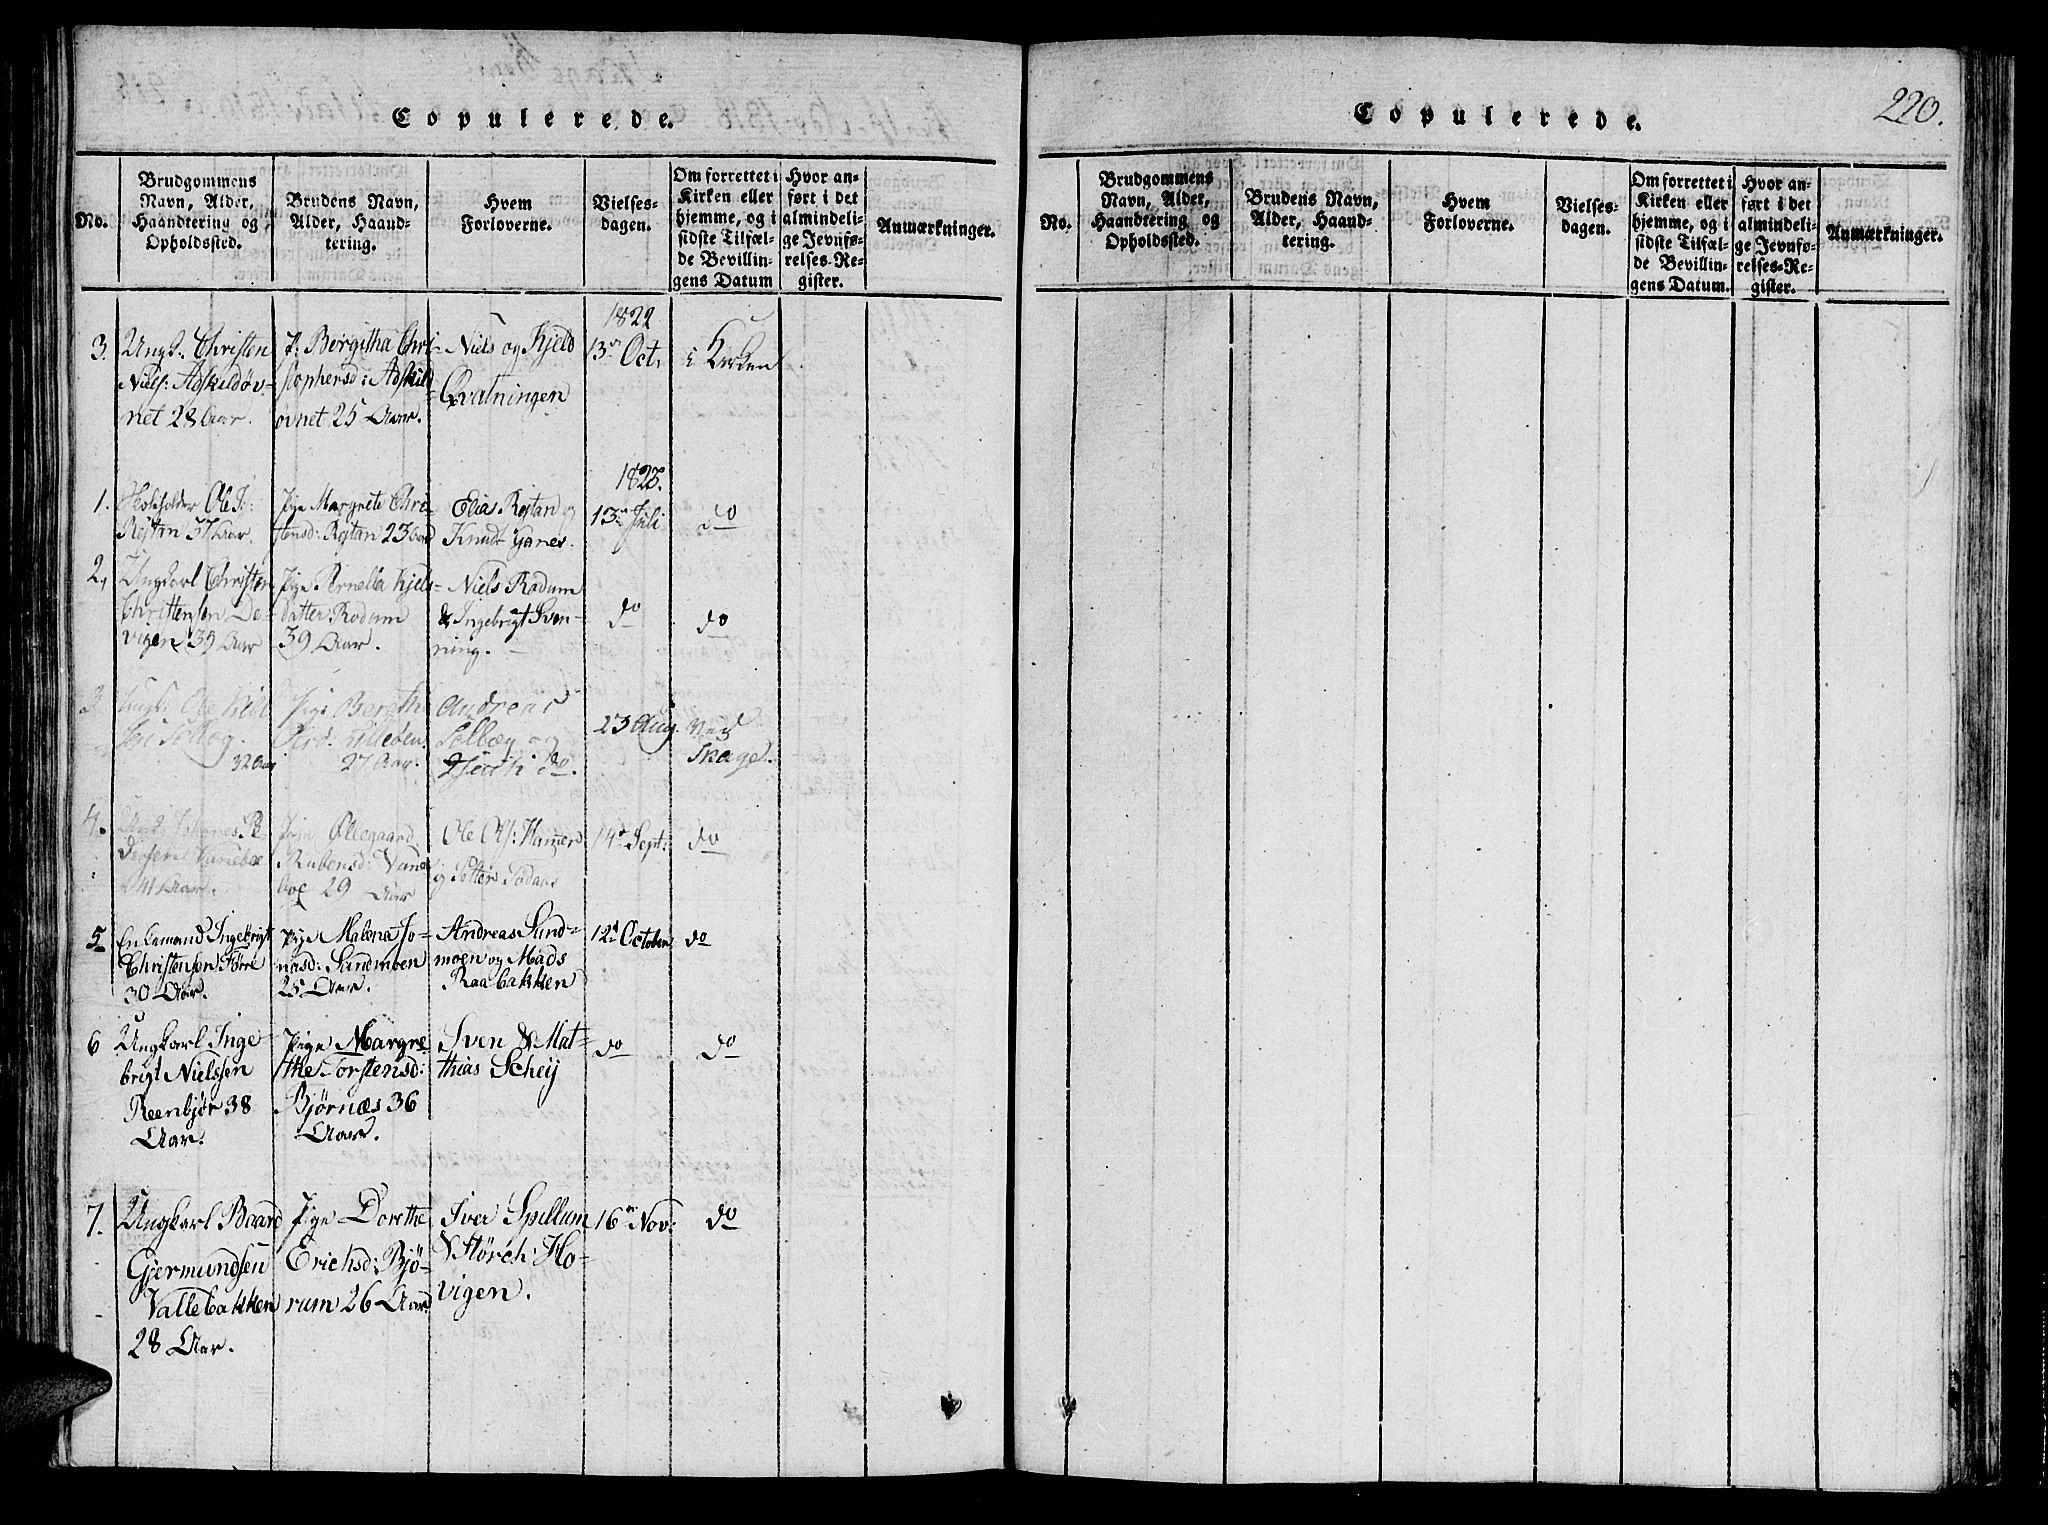 SAT, Ministerialprotokoller, klokkerbøker og fødselsregistre - Nord-Trøndelag, 764/L0546: Ministerialbok nr. 764A06 /4, 1817-1823, s. 220